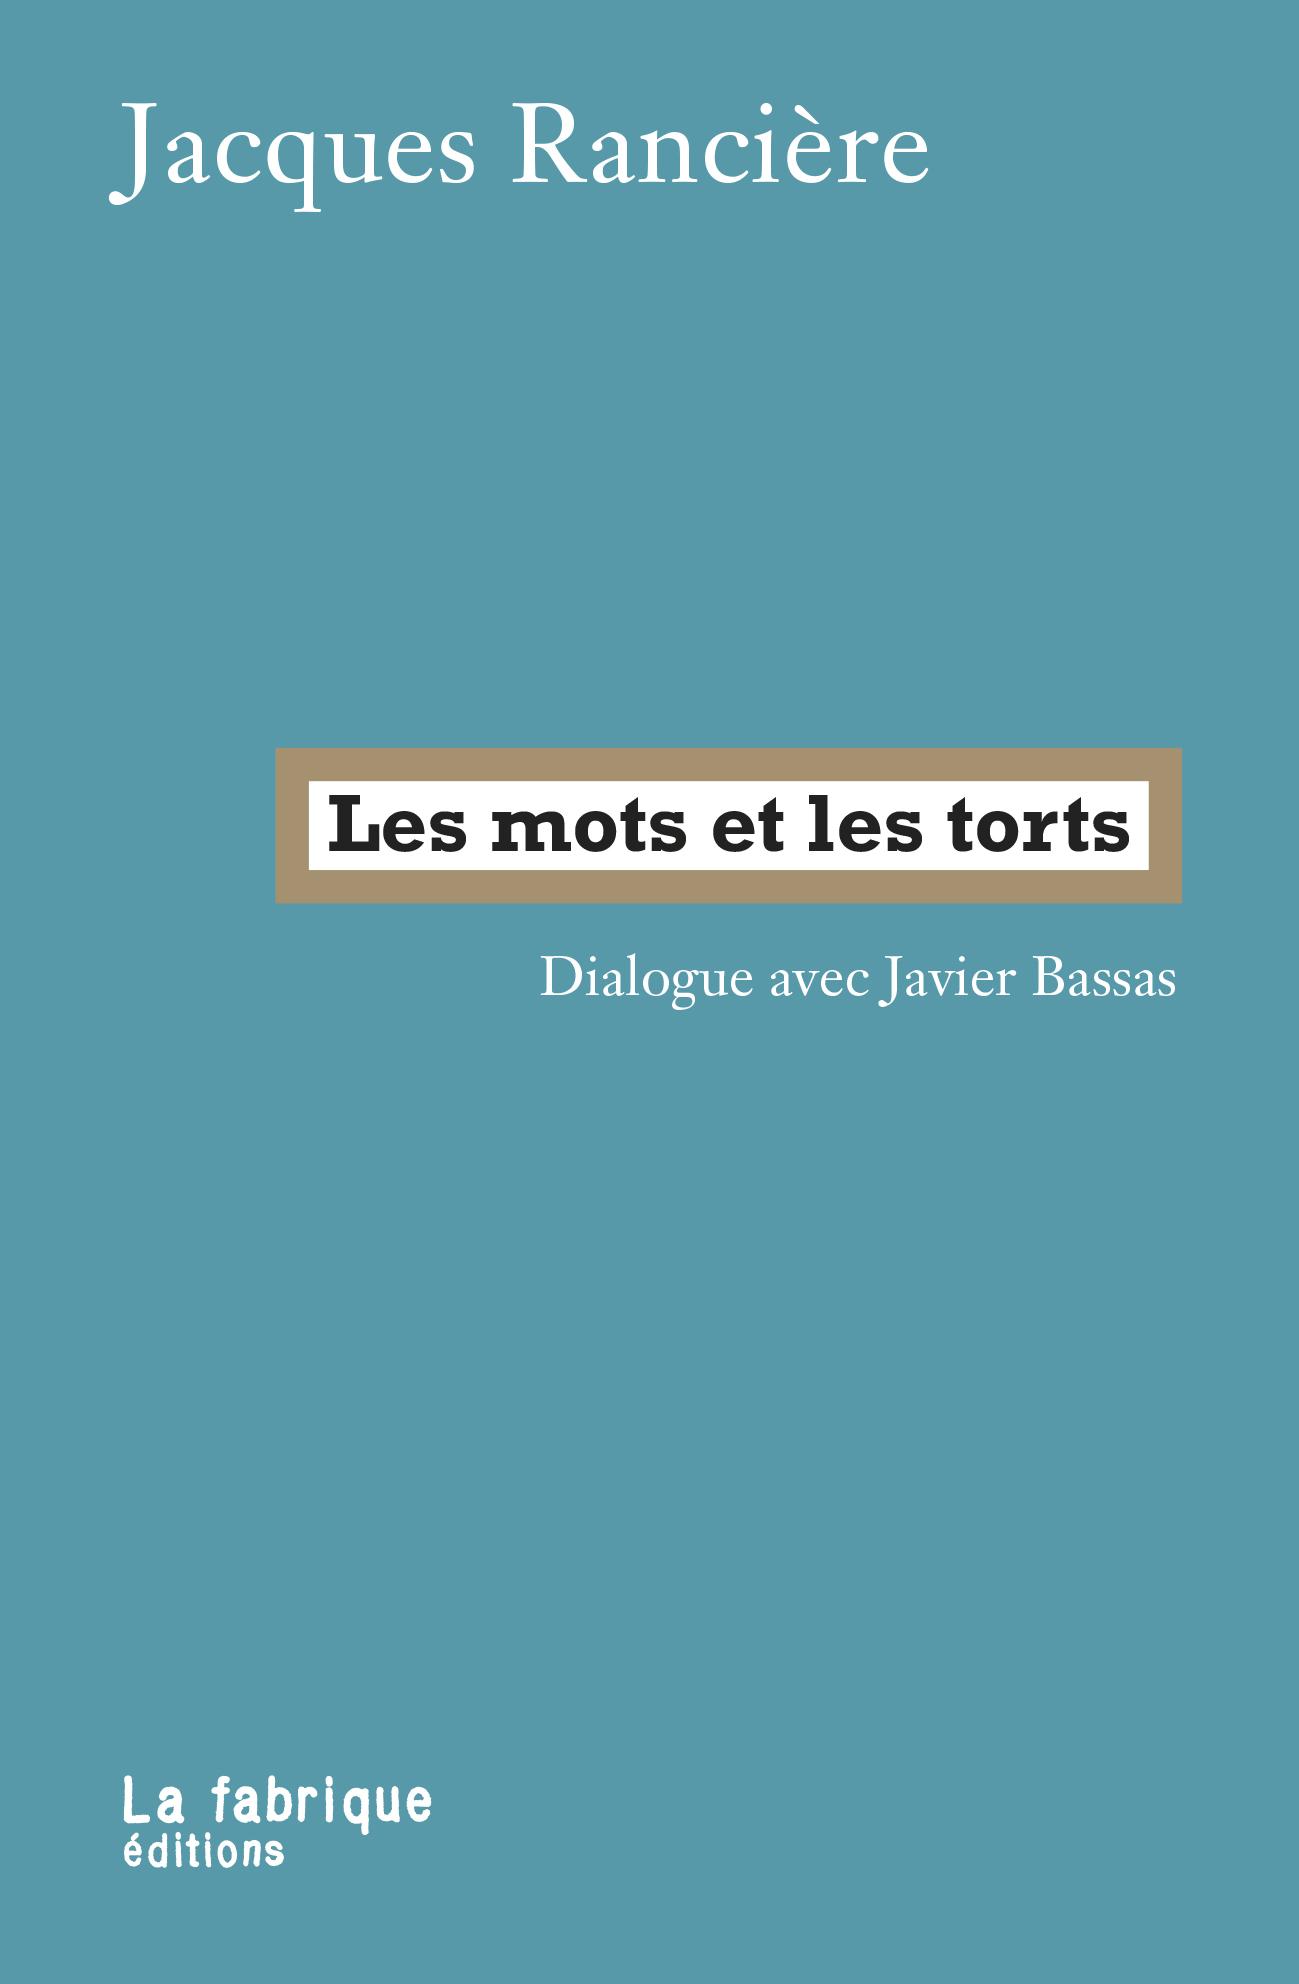 J. Rancière, Les mots et les torts. Dialogue avec Javier Bassas